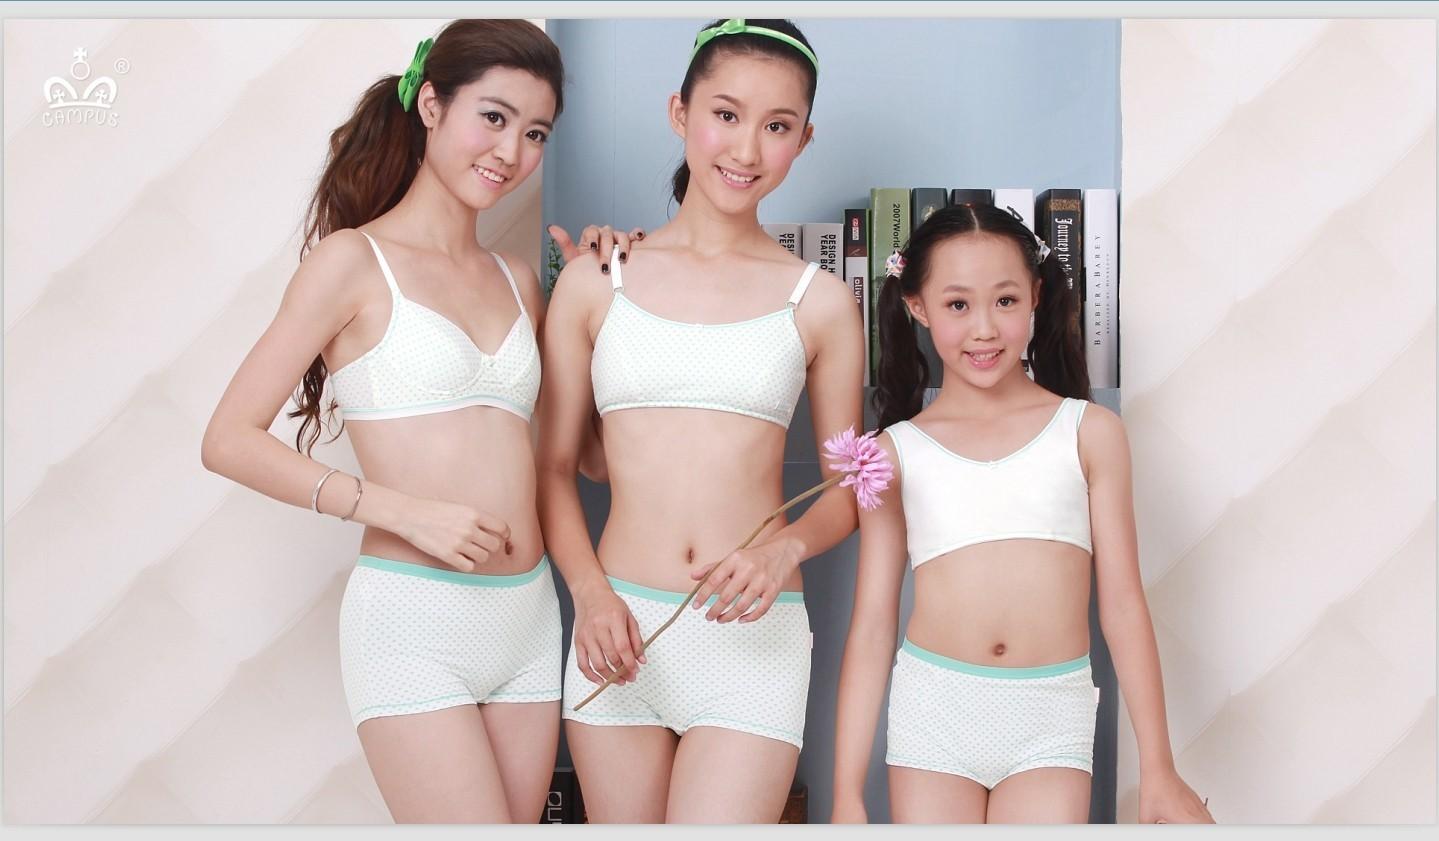 青春期女生要怎么选购文胸?究竟哪种说法正确?